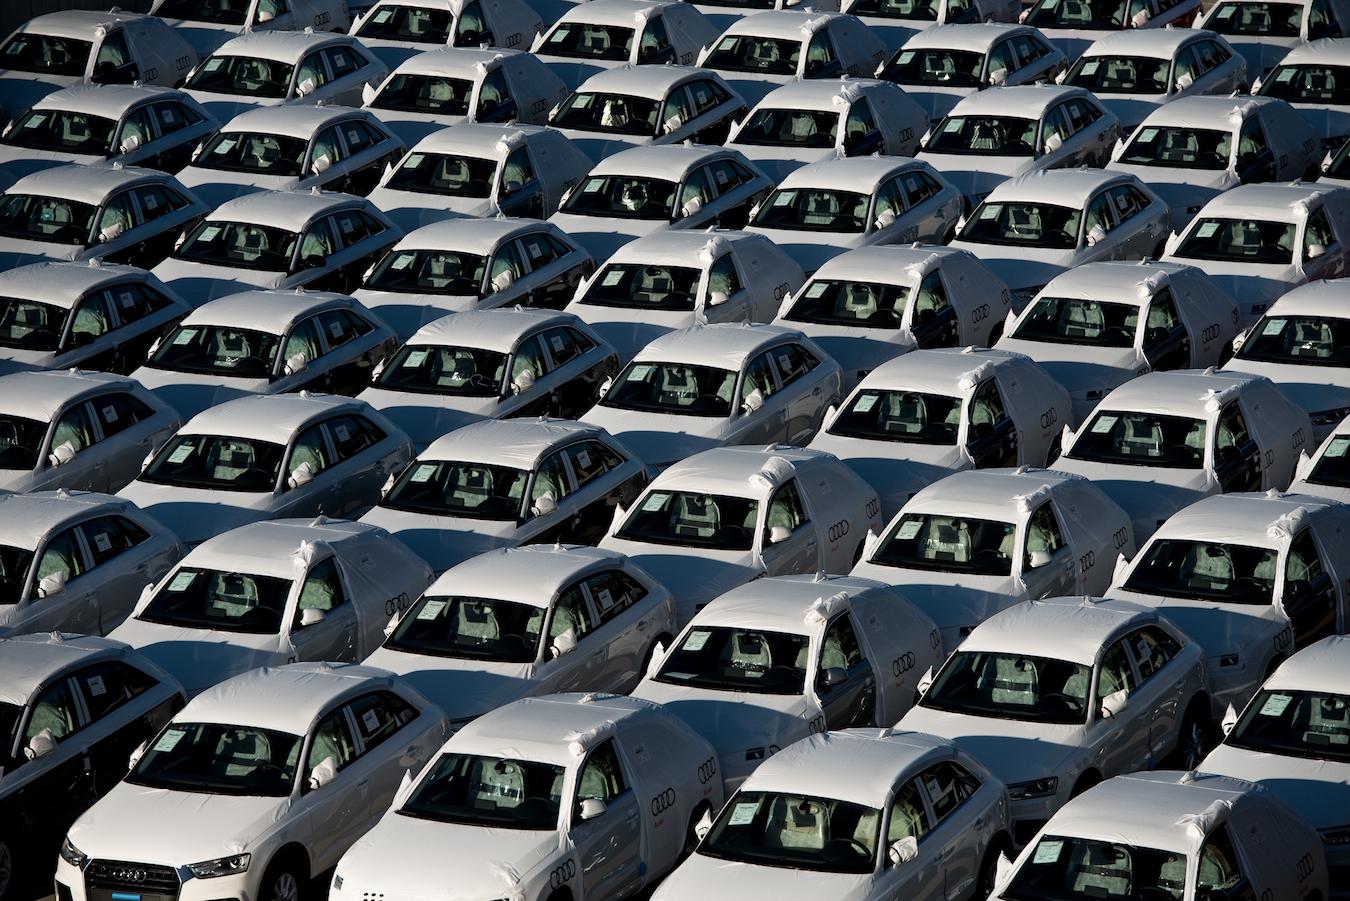 Una campa de coches de renting, preparados para ser entregados. // FOTOGRAFÍA: FLEET PEOPLE